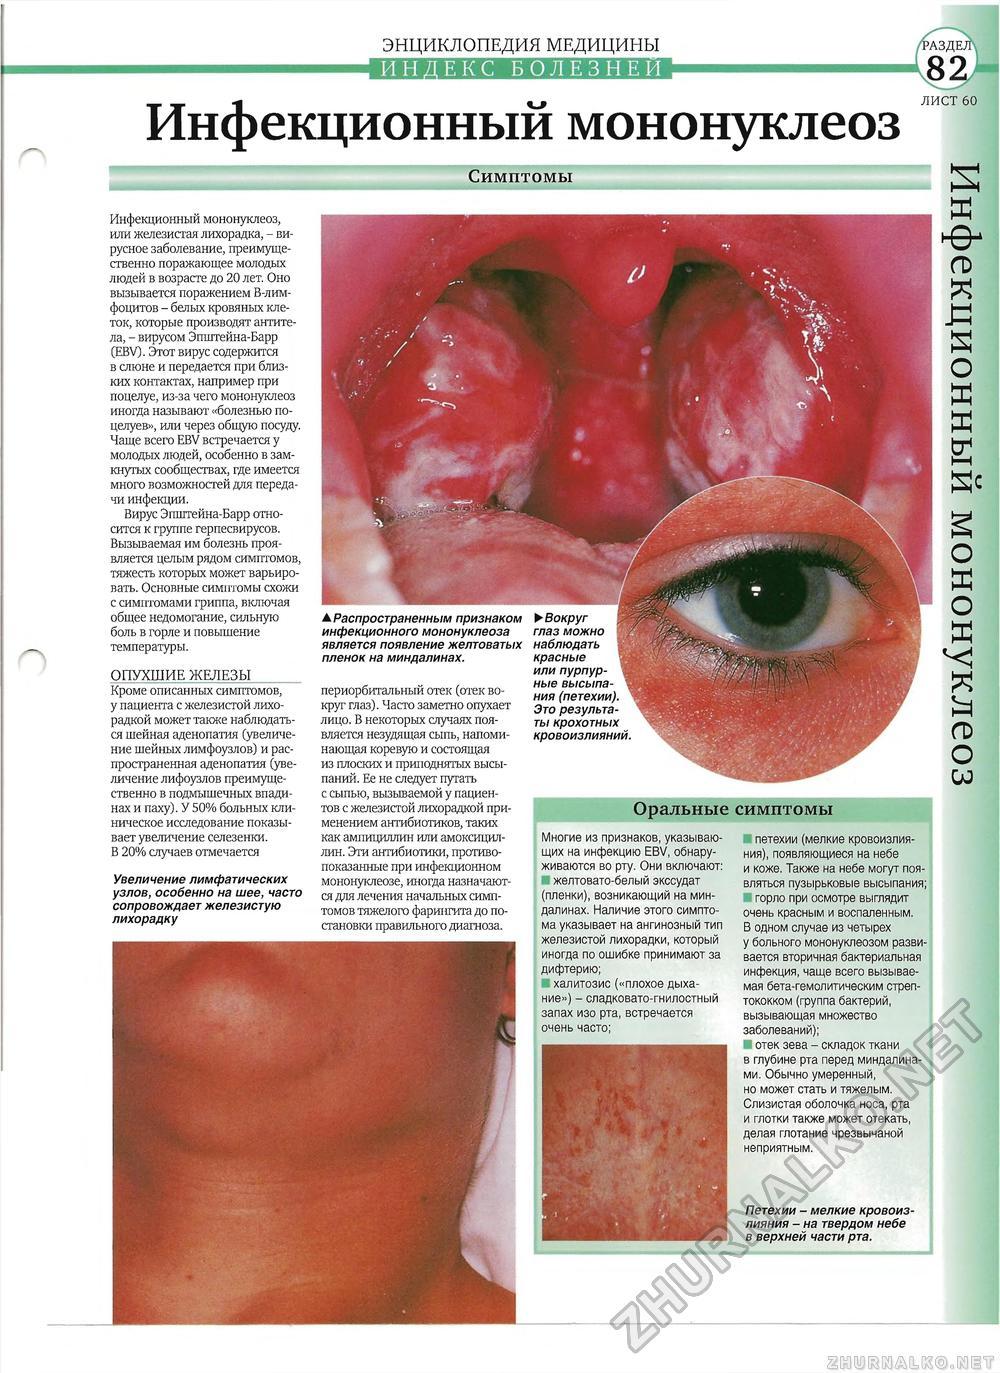 Мононуклеоз инфекционный фото